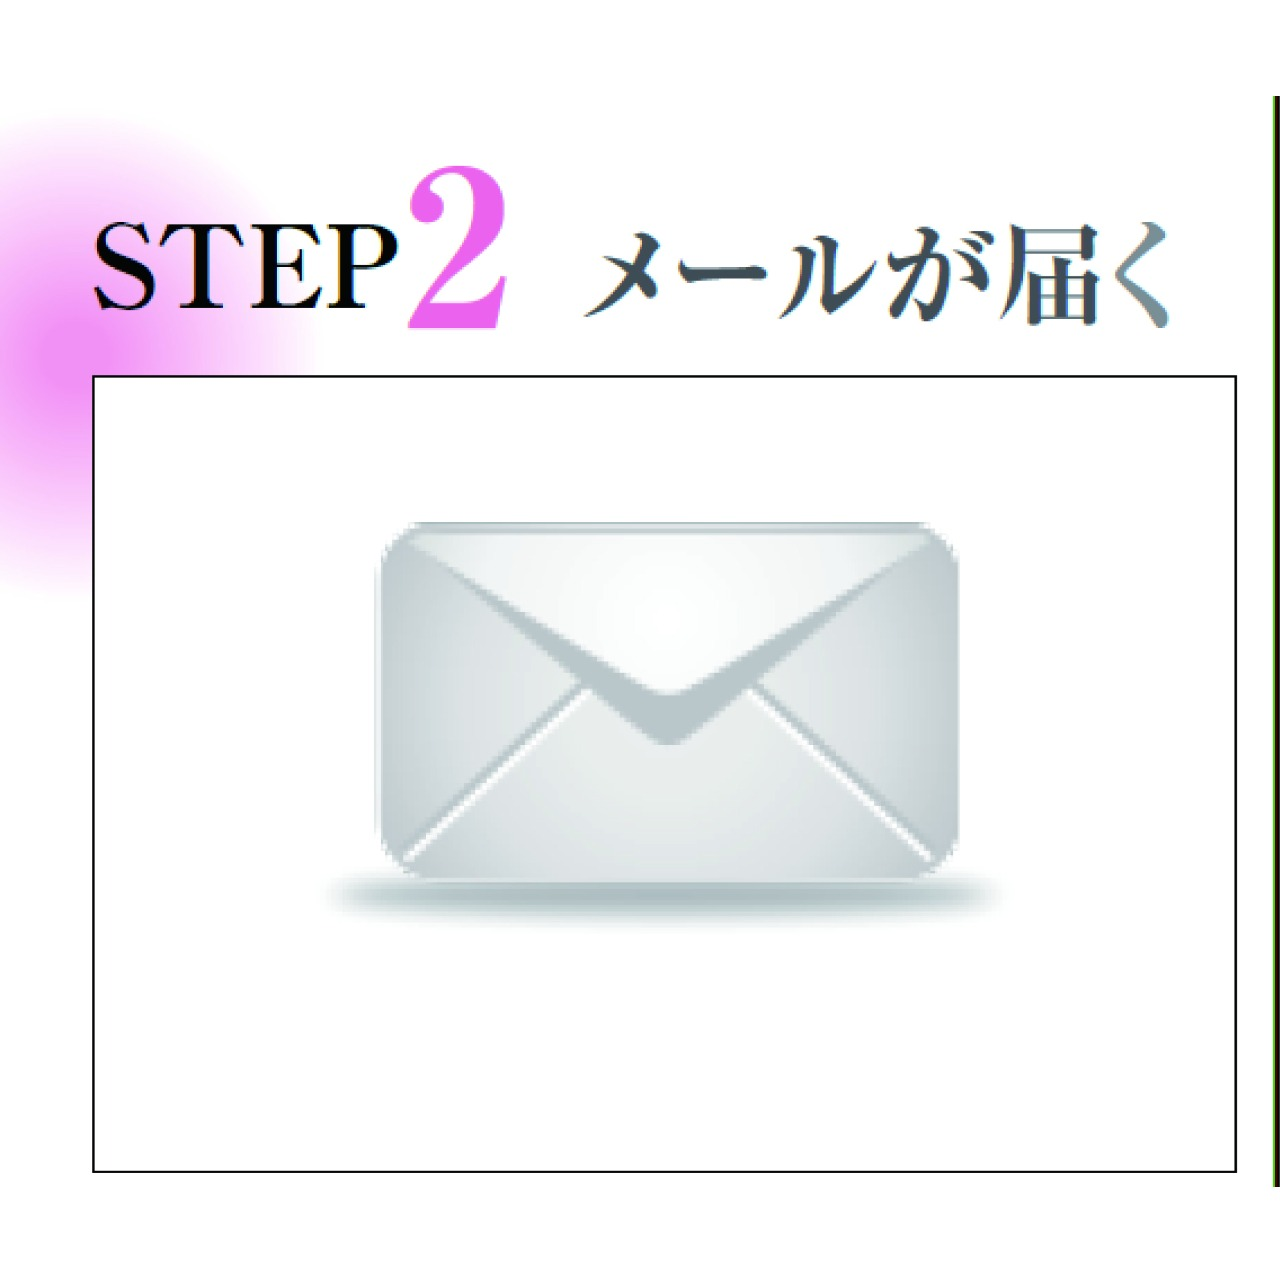 ②メールが届く